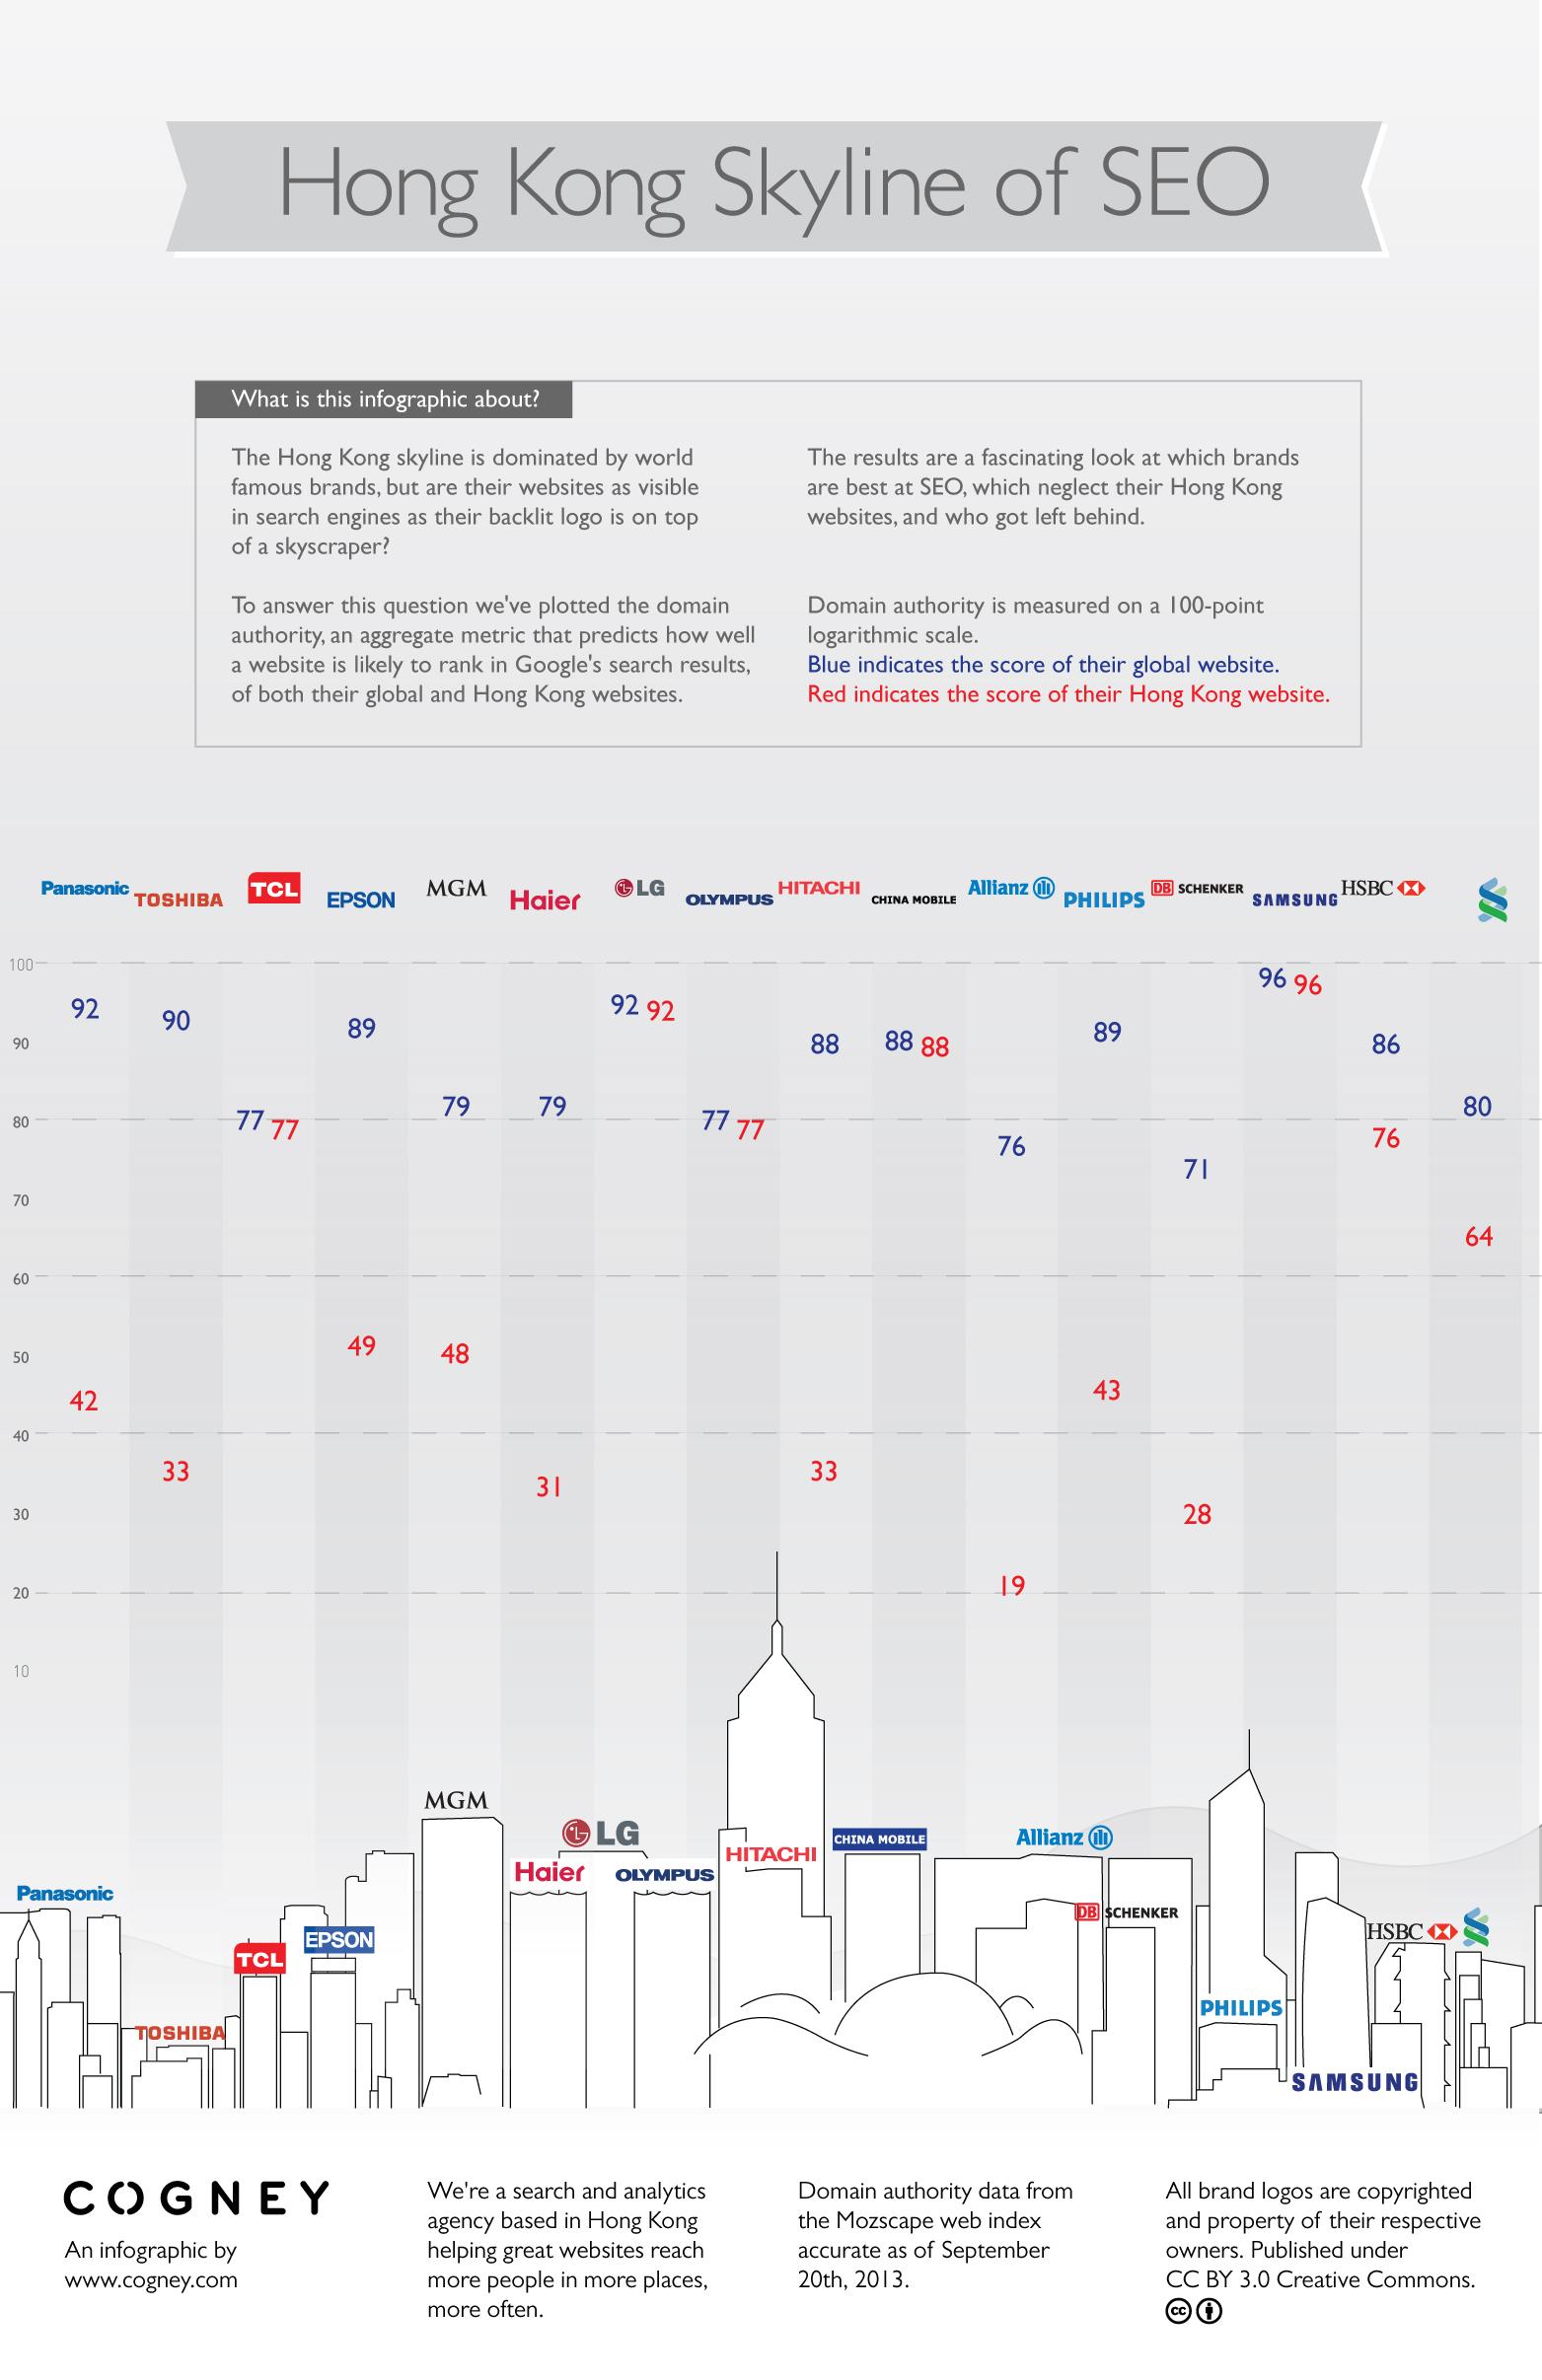 Hong Kong skyline of SEO infographic